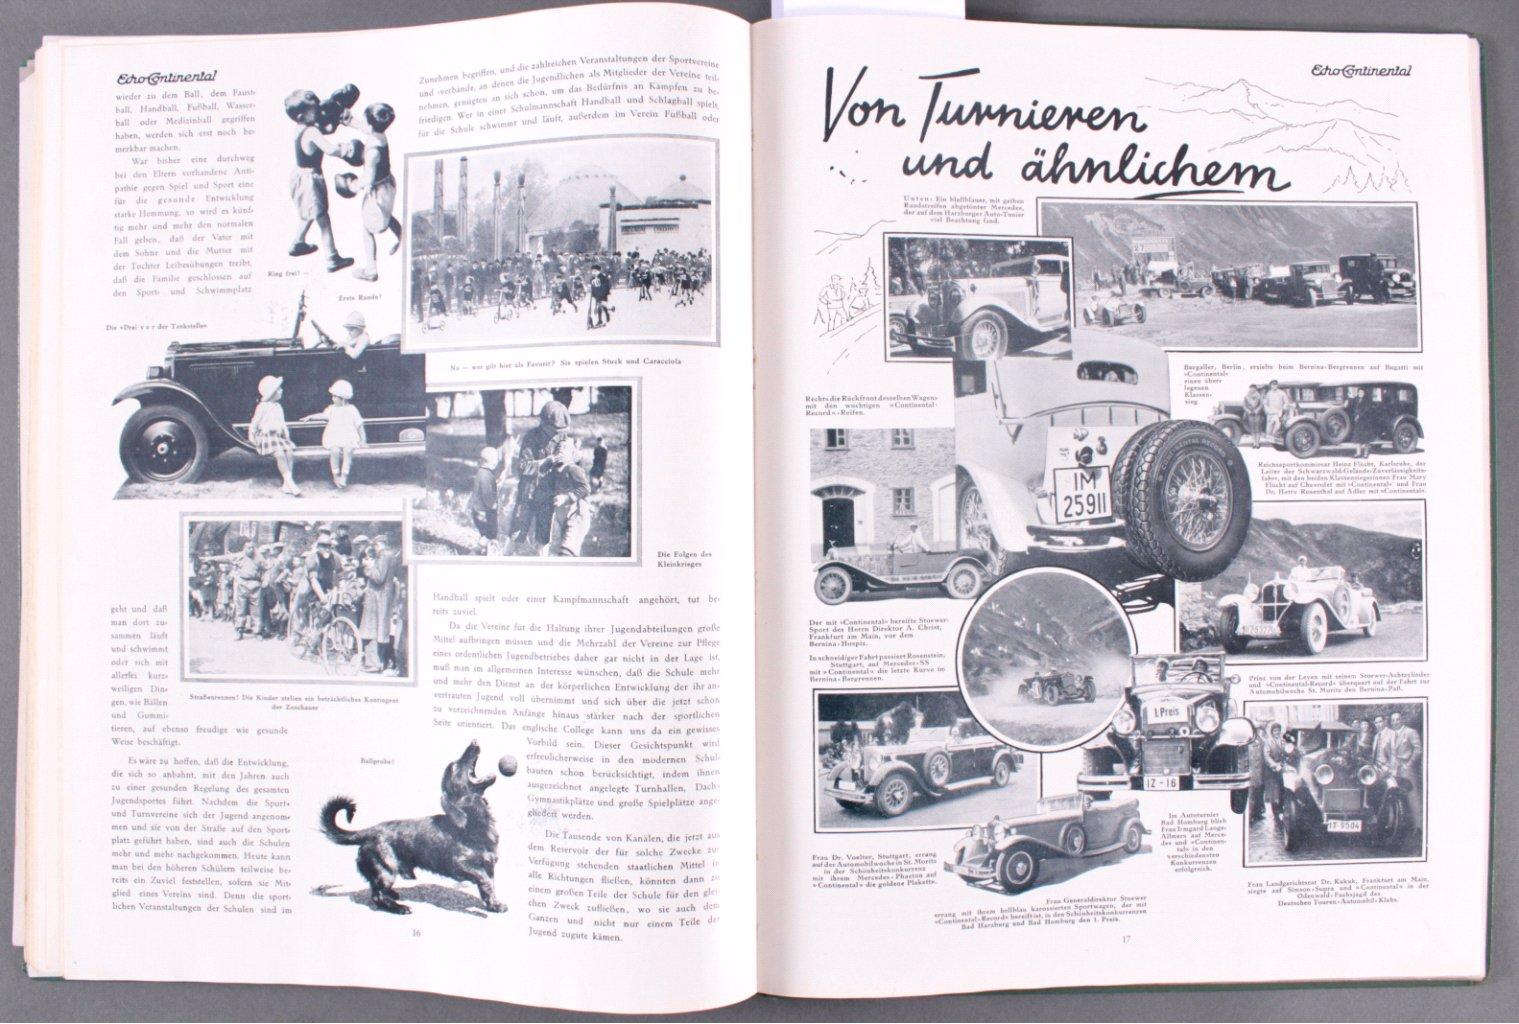 Echo Continental Jahrgang 1930-3